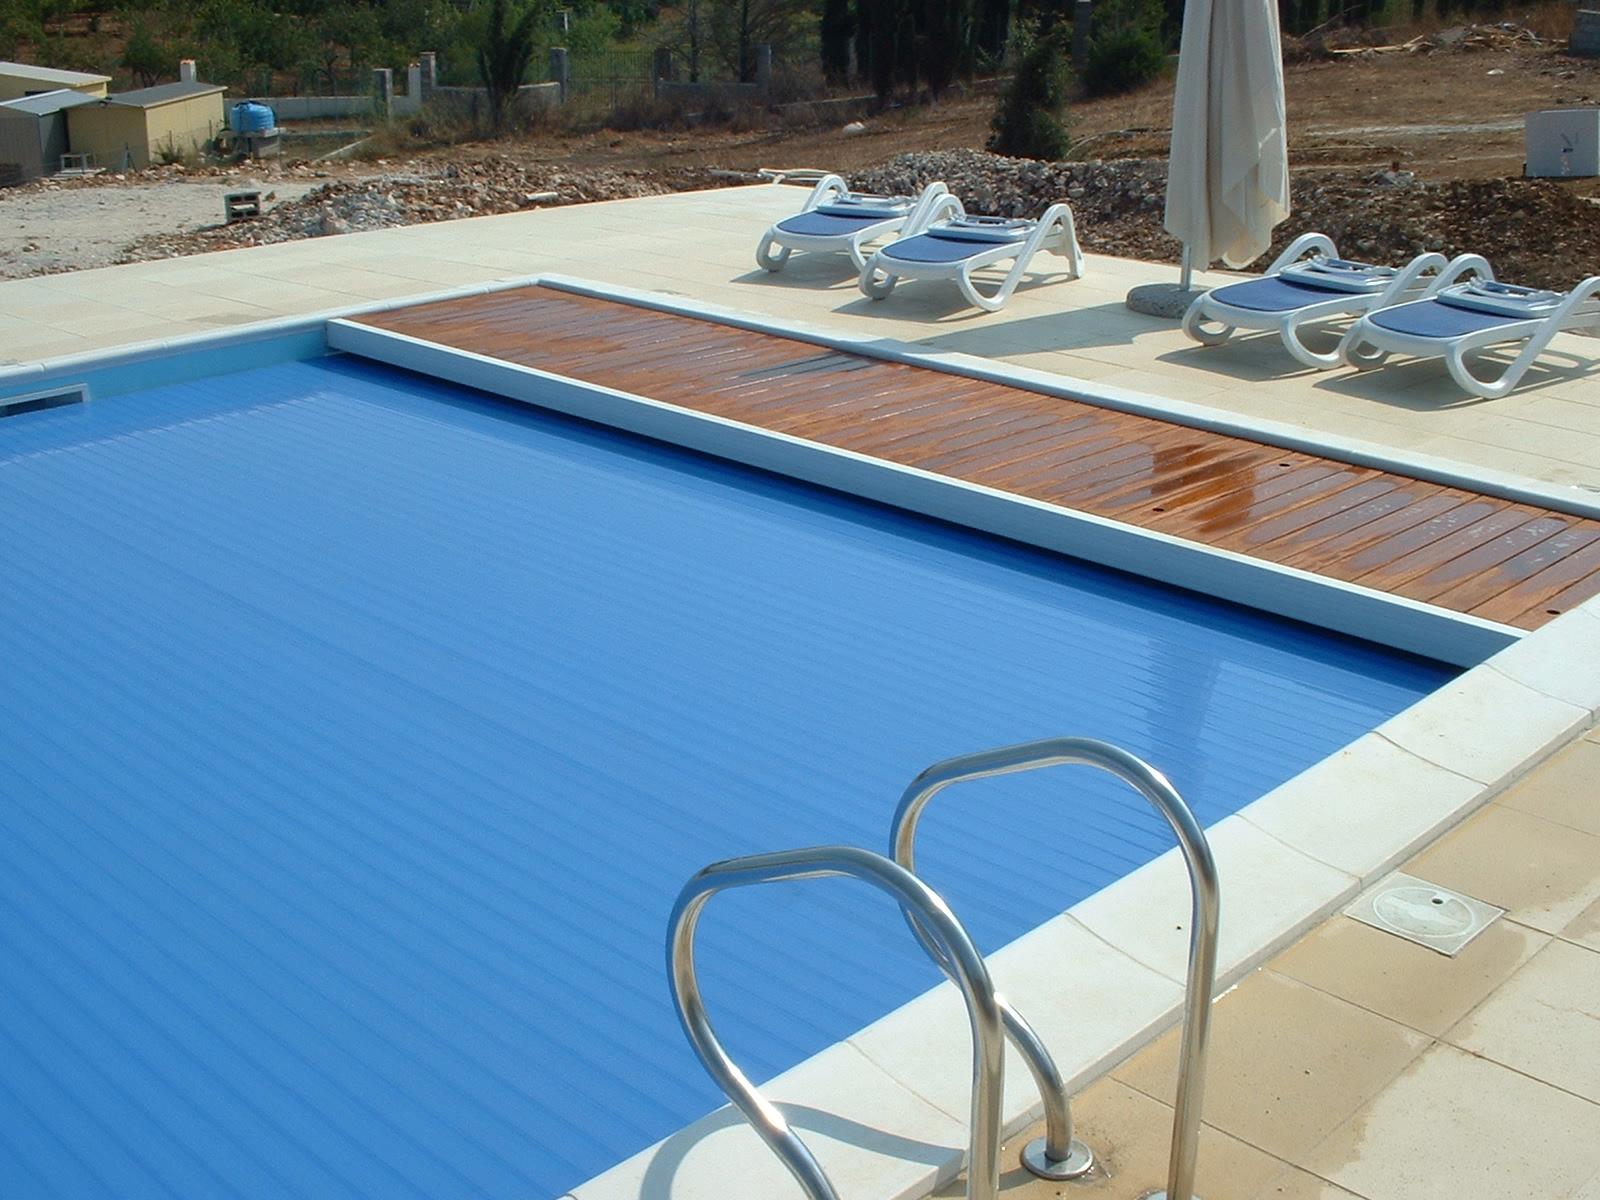 Quanto Costa Piscina Interrata piscina interrata - quanto costa una piscina interrata - rs